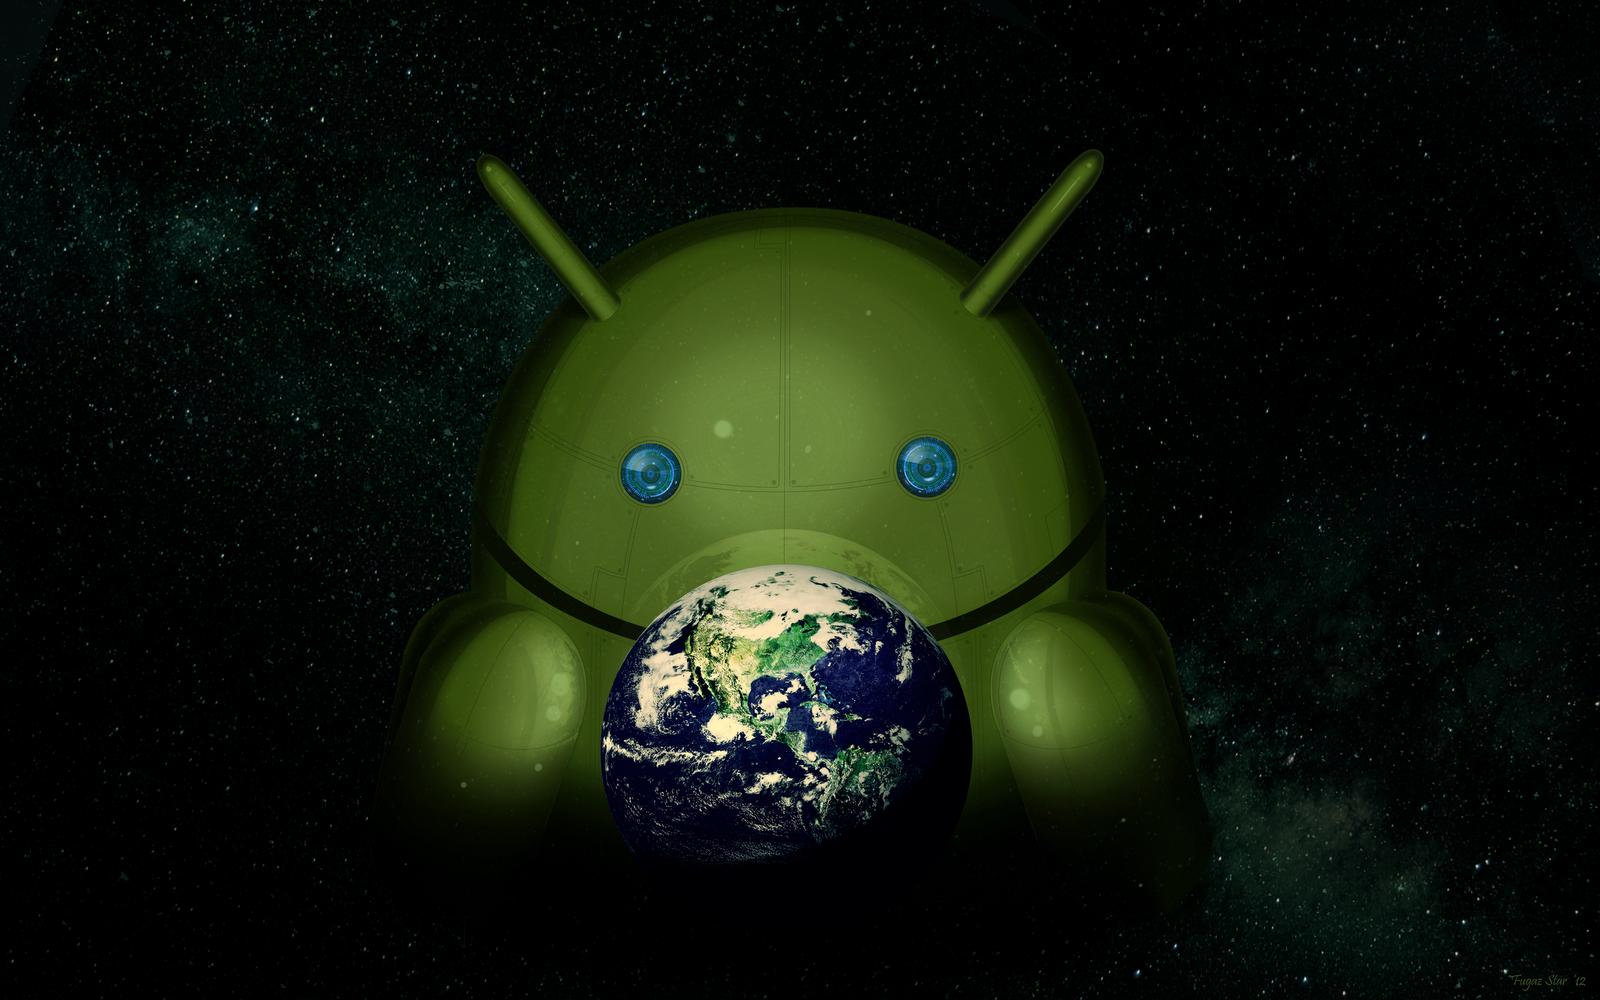 fondos para android especial andy adnfriki